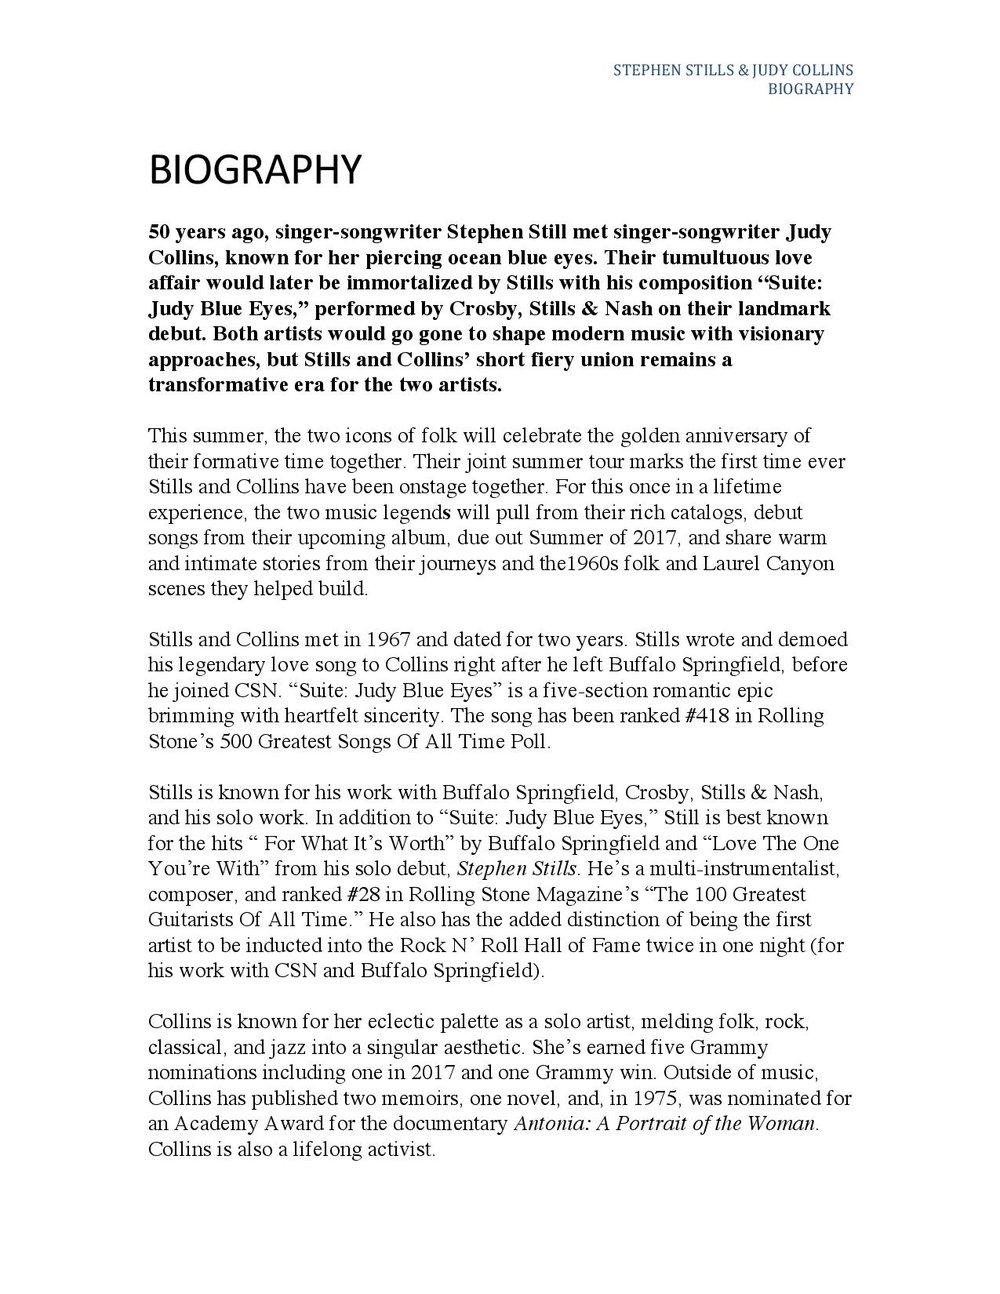 Stills & Collins - BIo (1)-page-001.jpg